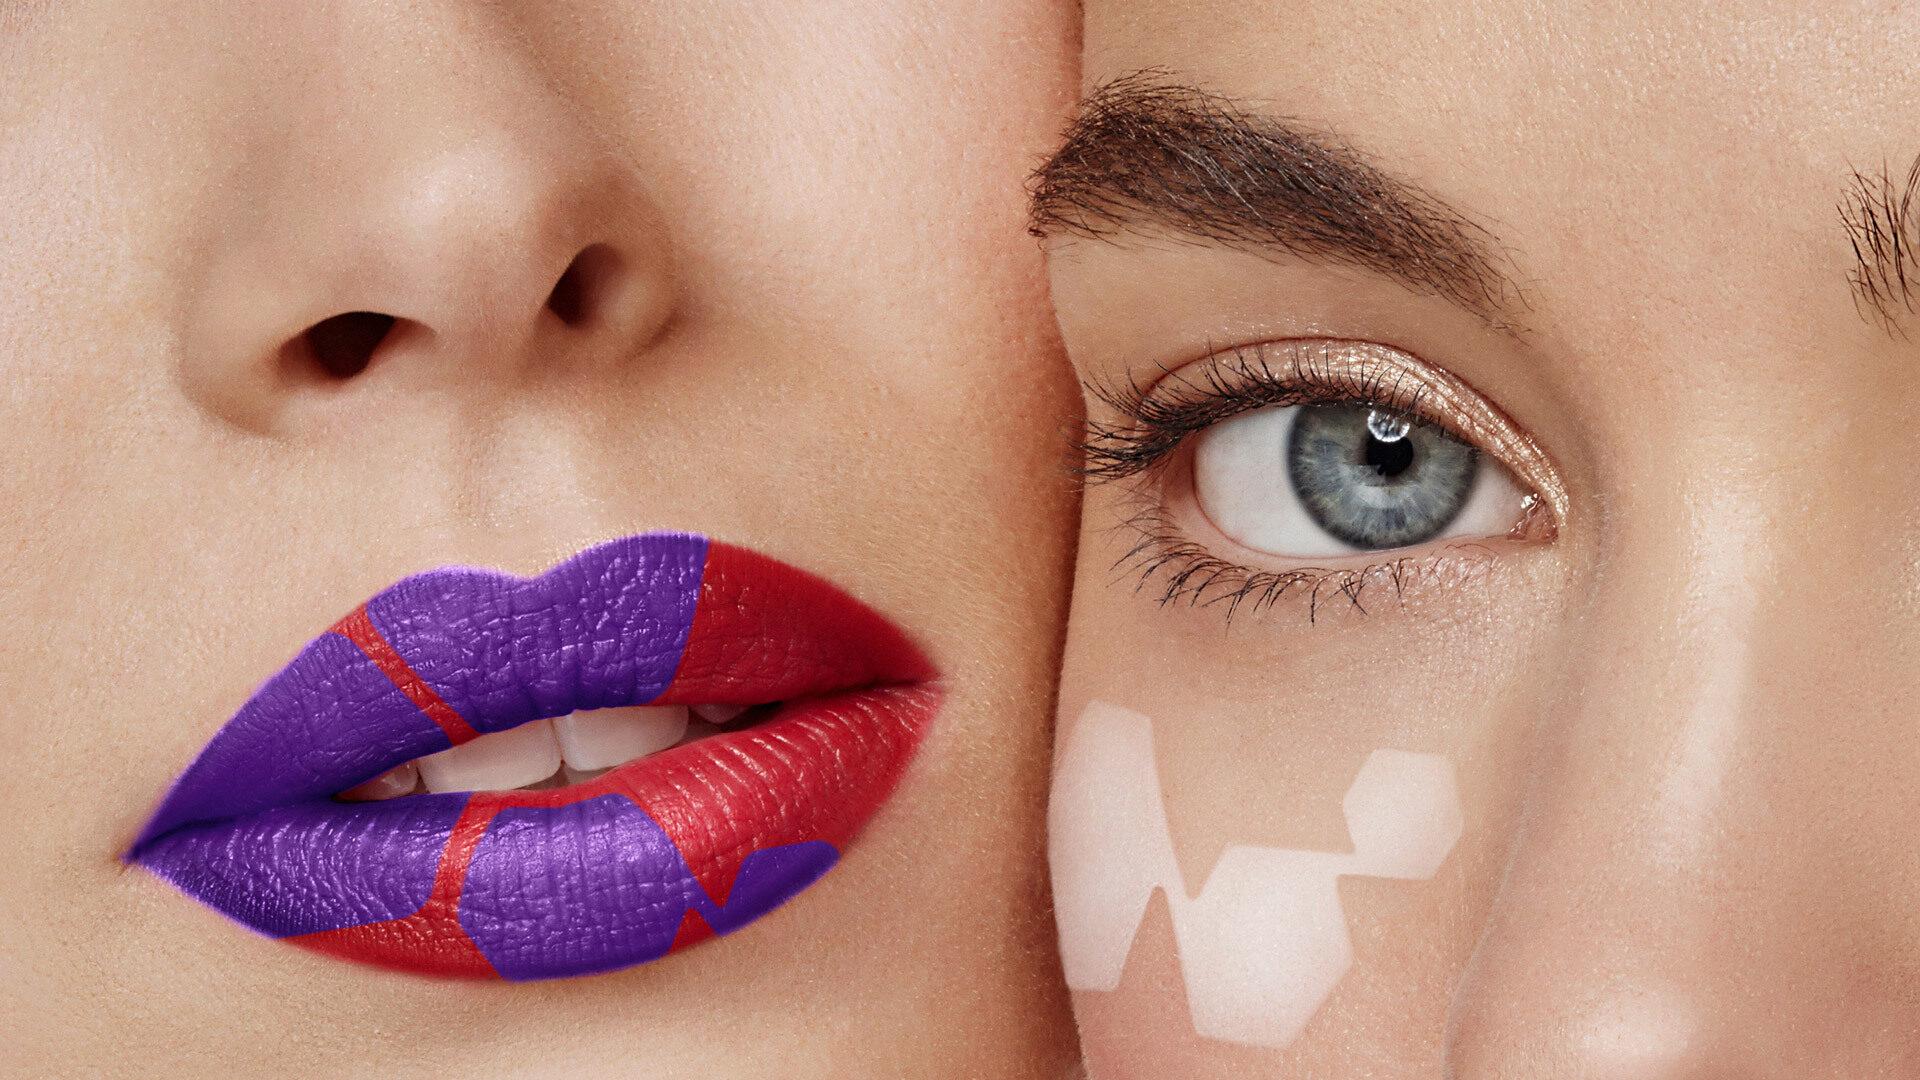 Nahaufnahme von zwei Frauen mit einer rot-violett geschminkten Lippe und einem Auge mit weiß geschminkter Zelle